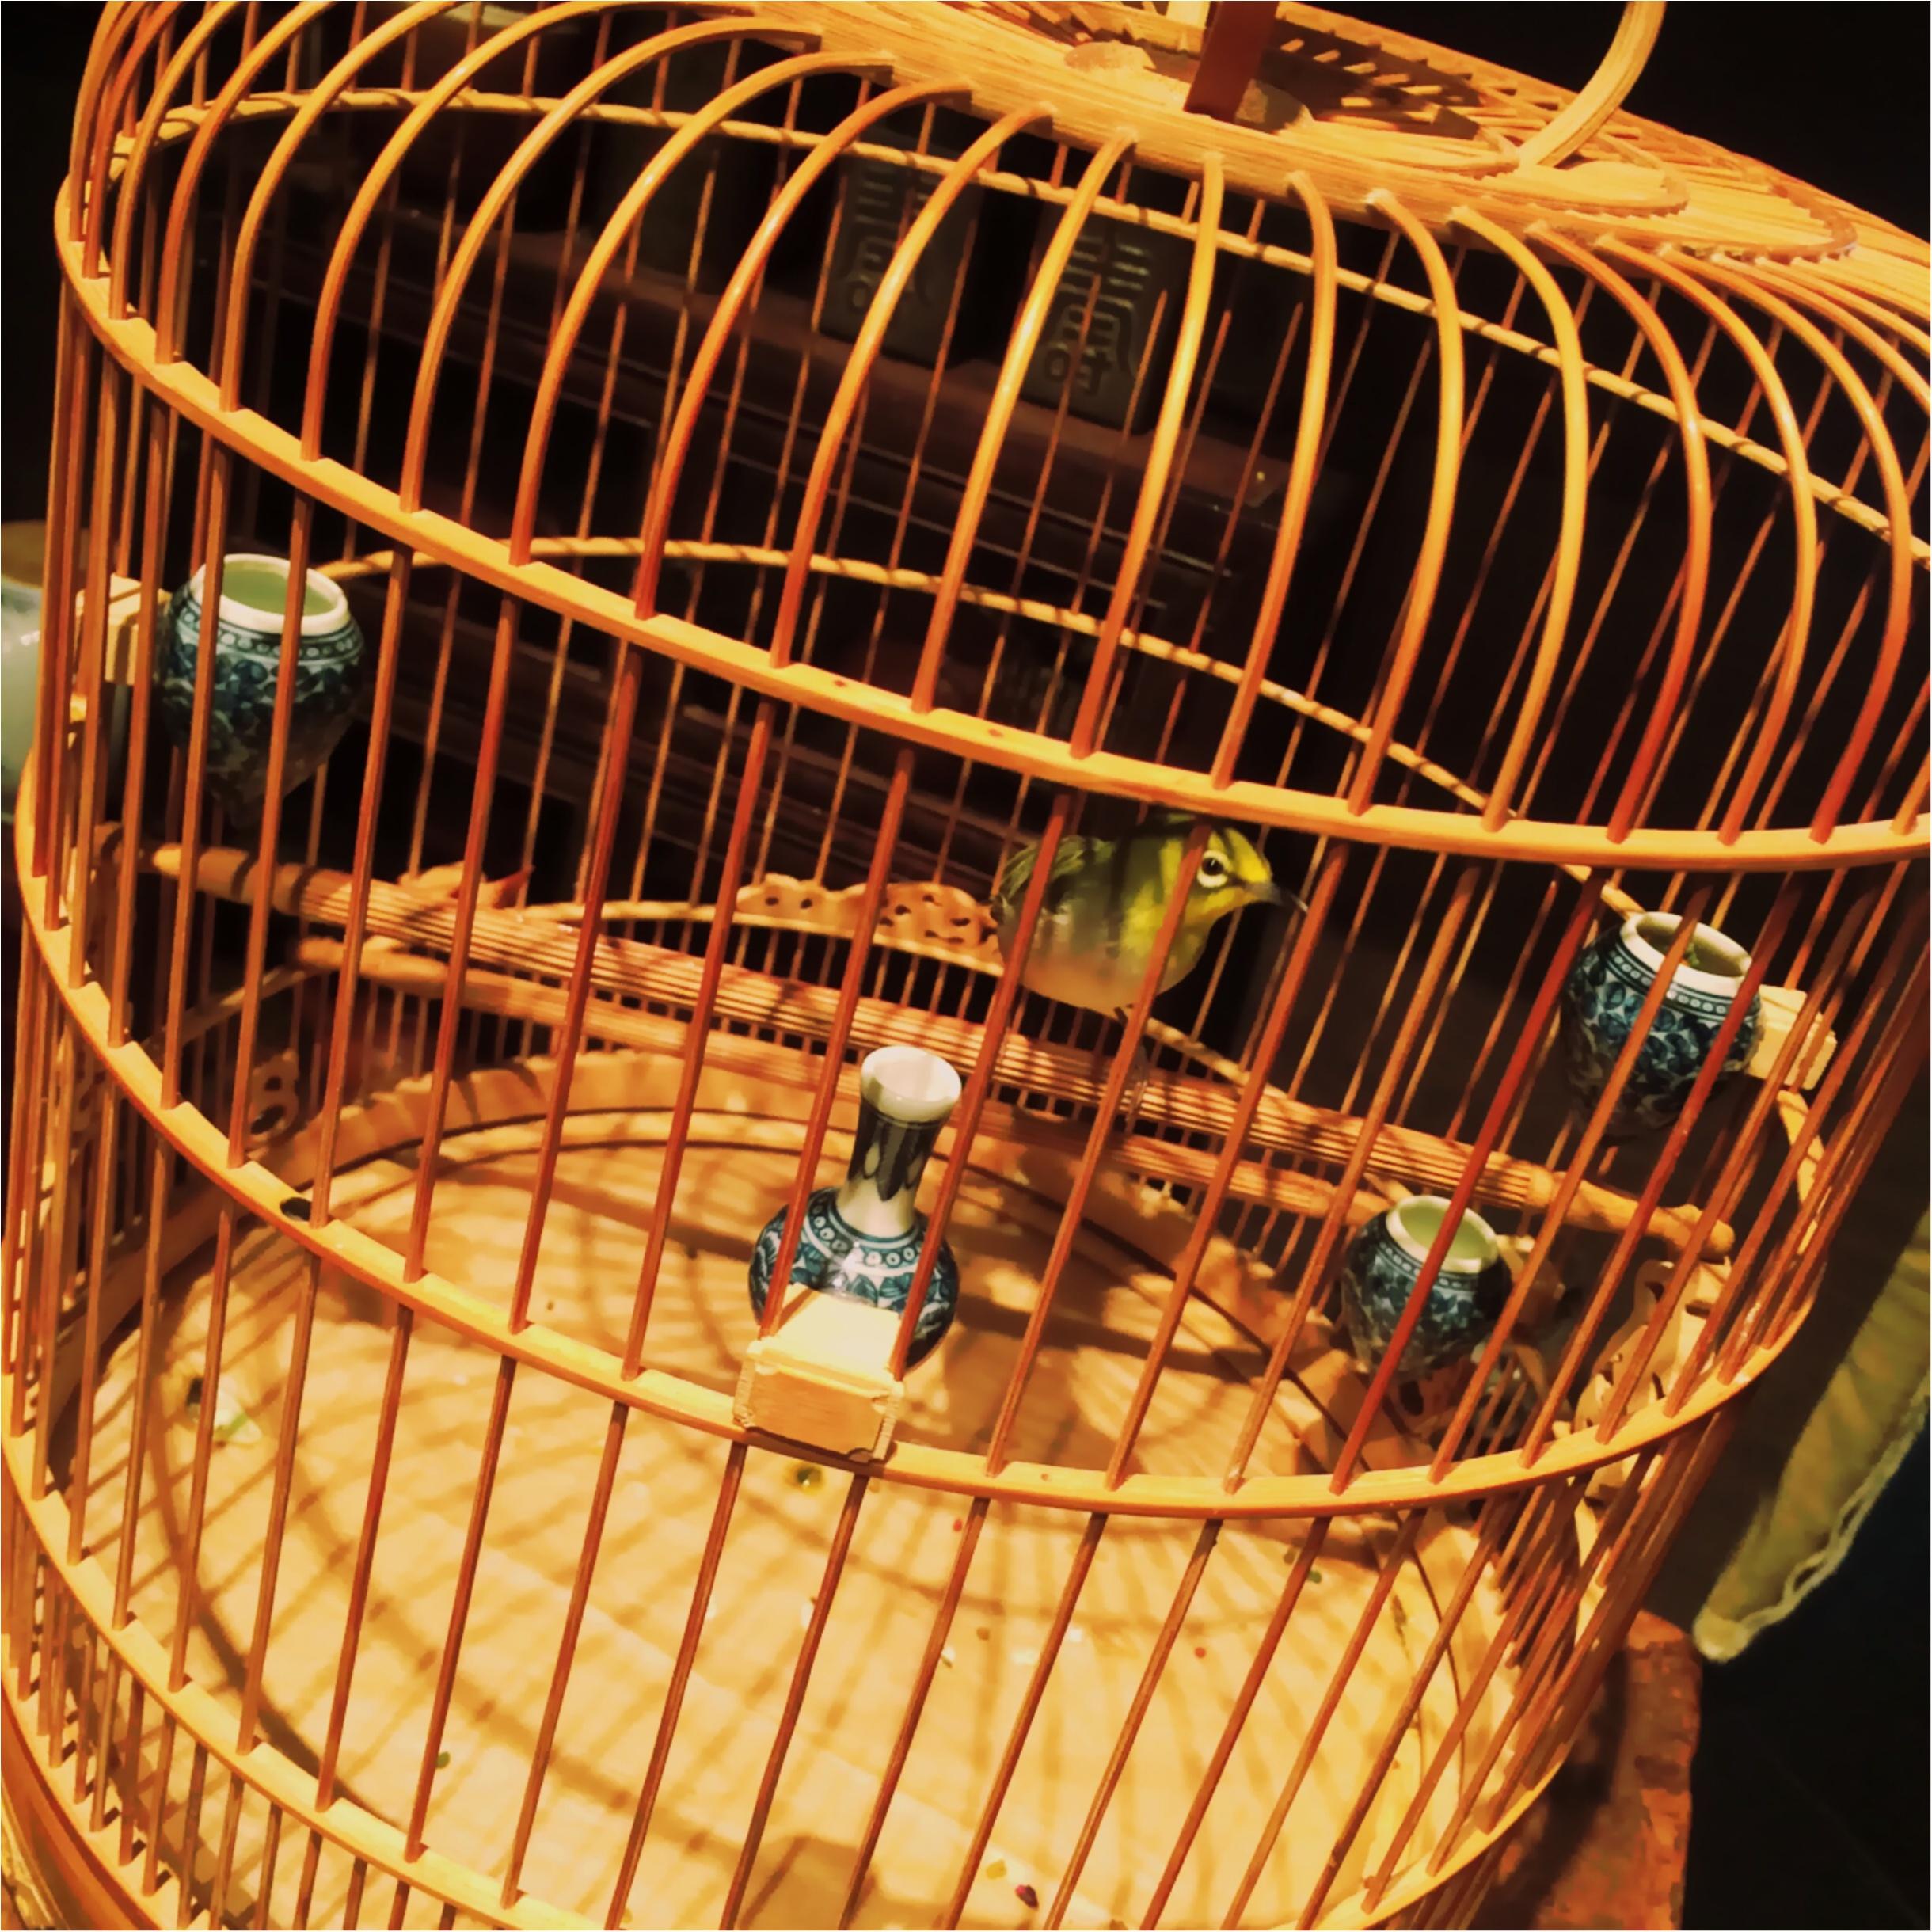 ★台湾といえばお茶!真っ赤な缶が目印♡140年以上の歴史を持つ老舗茶荘って?★_5